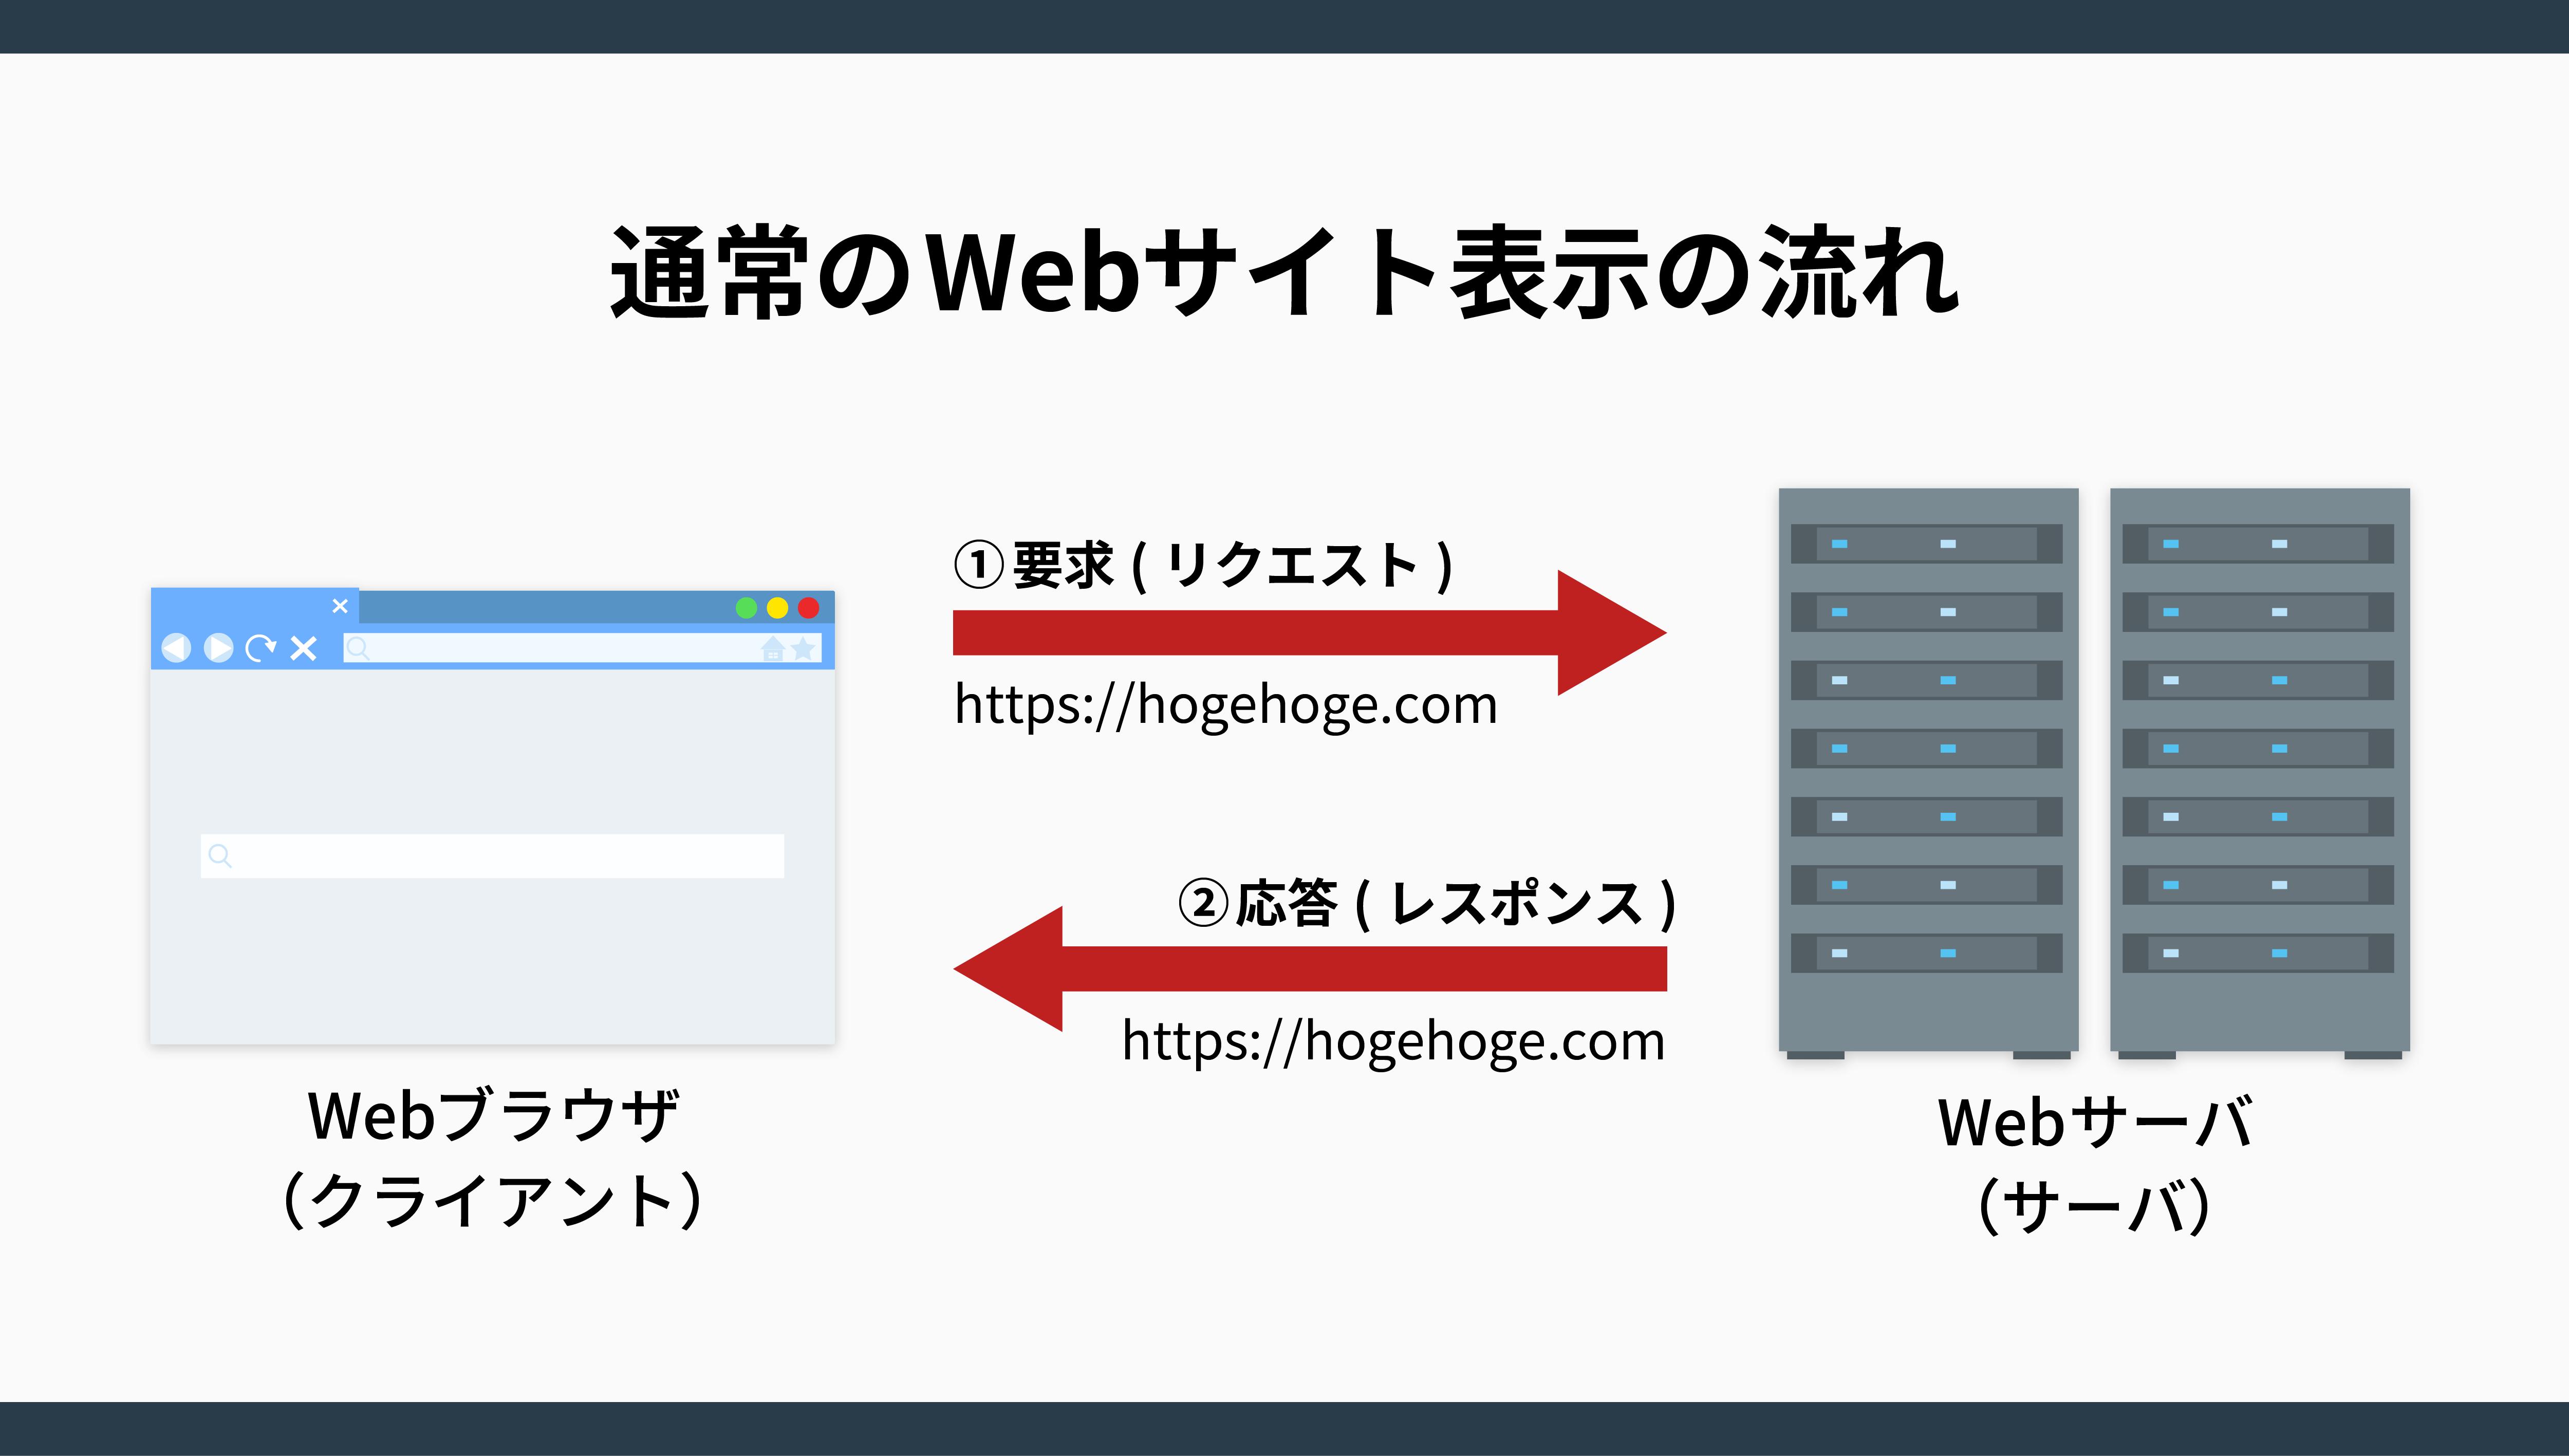 通常のWebサイト表示の流れ